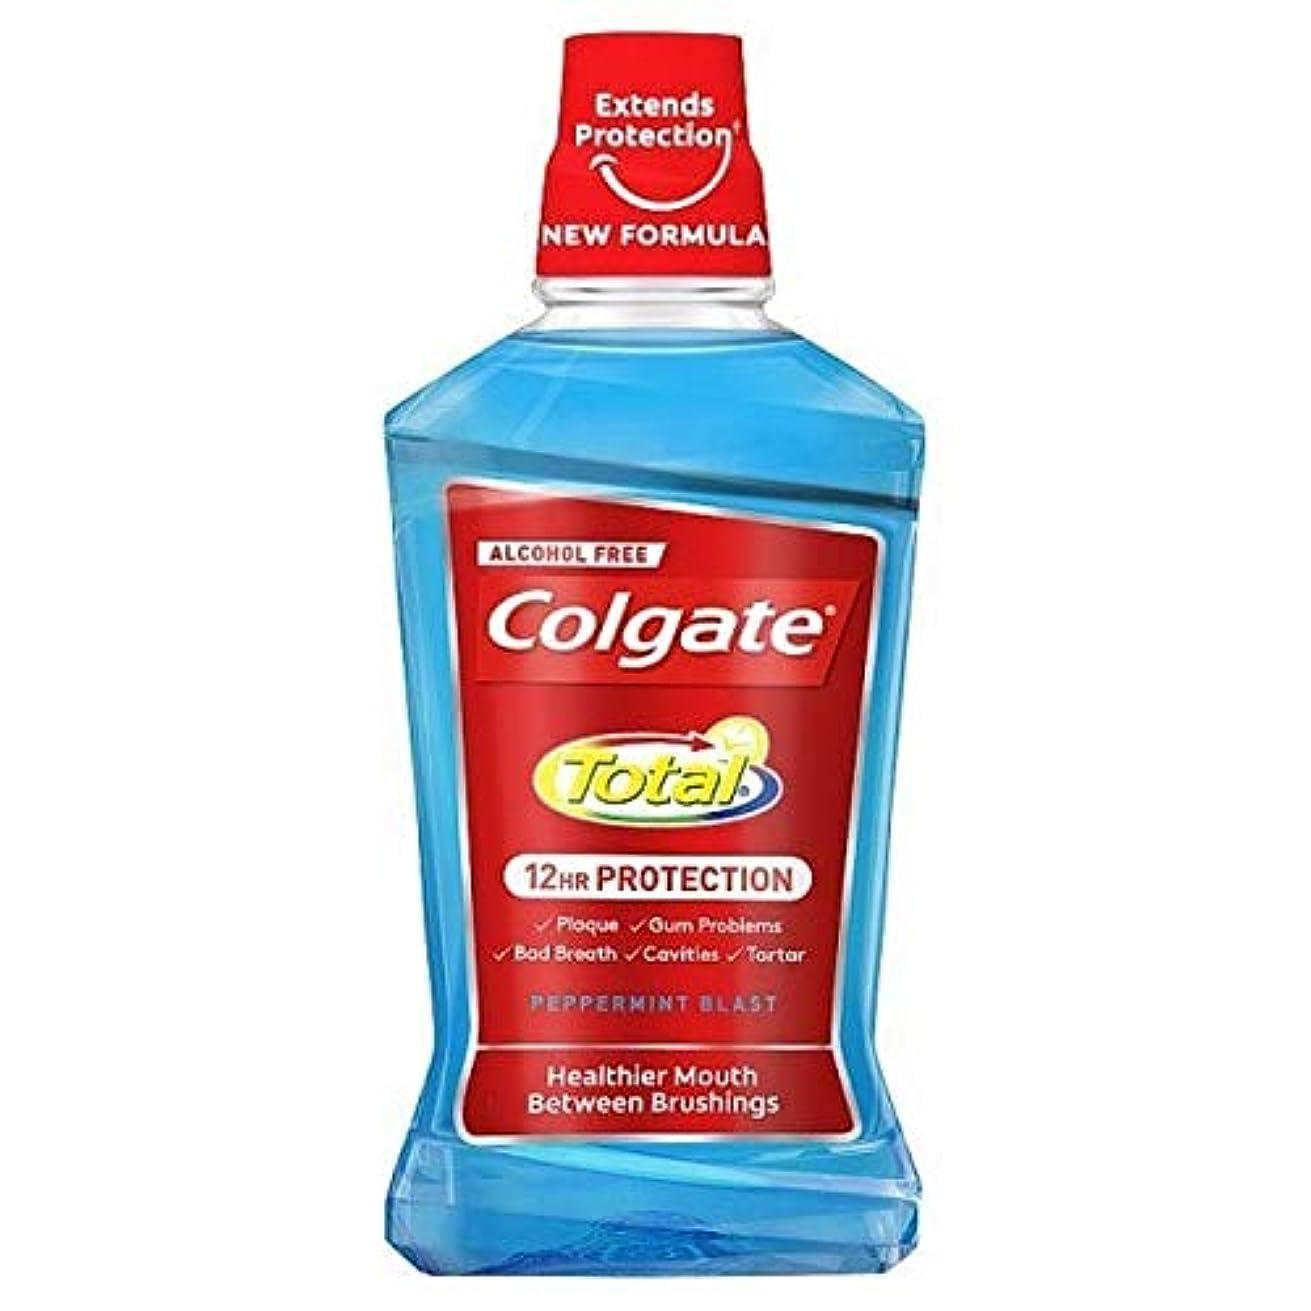 リングバックアンタゴニスト水分[Colgate ] コルゲートトータルペパーミントブラストマウスウォッシュ500ミリリットル - Colgate Total Peppermint Blast Mouthwash 500ml [並行輸入品]